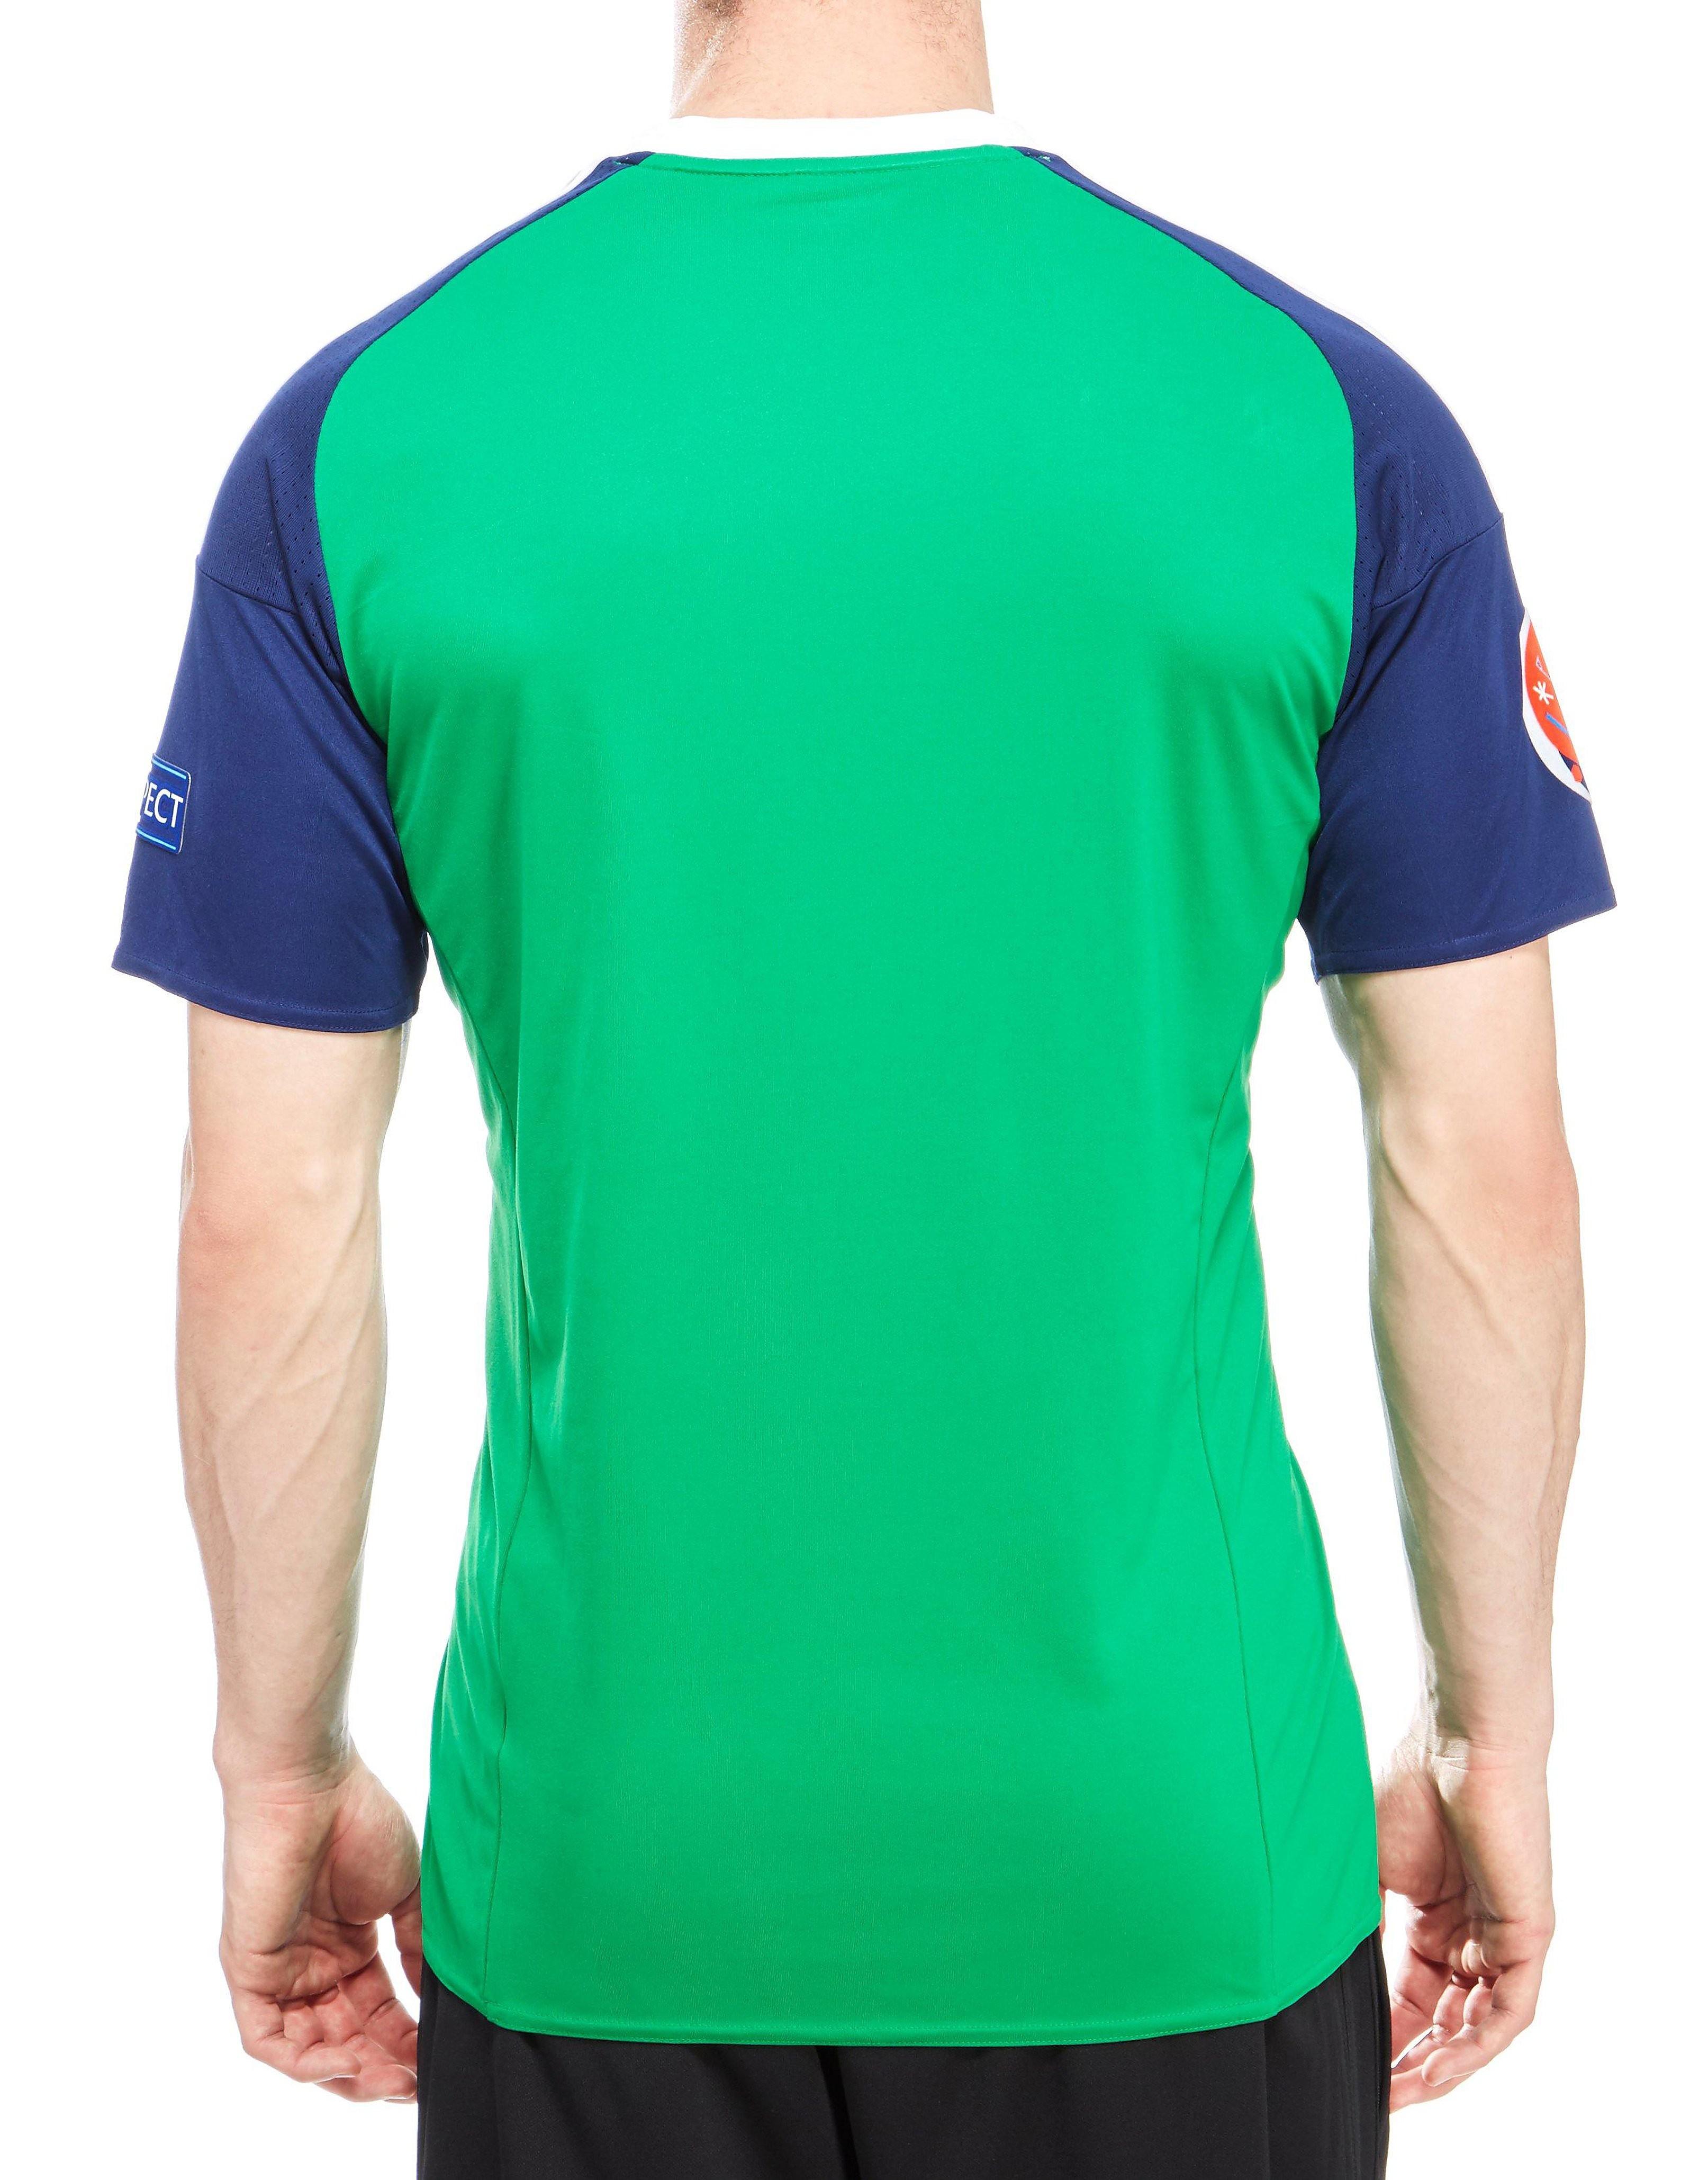 adidas Camiseta de la 1ª equipación del Irlanda del Norte de la Euro 16 sin emblemas